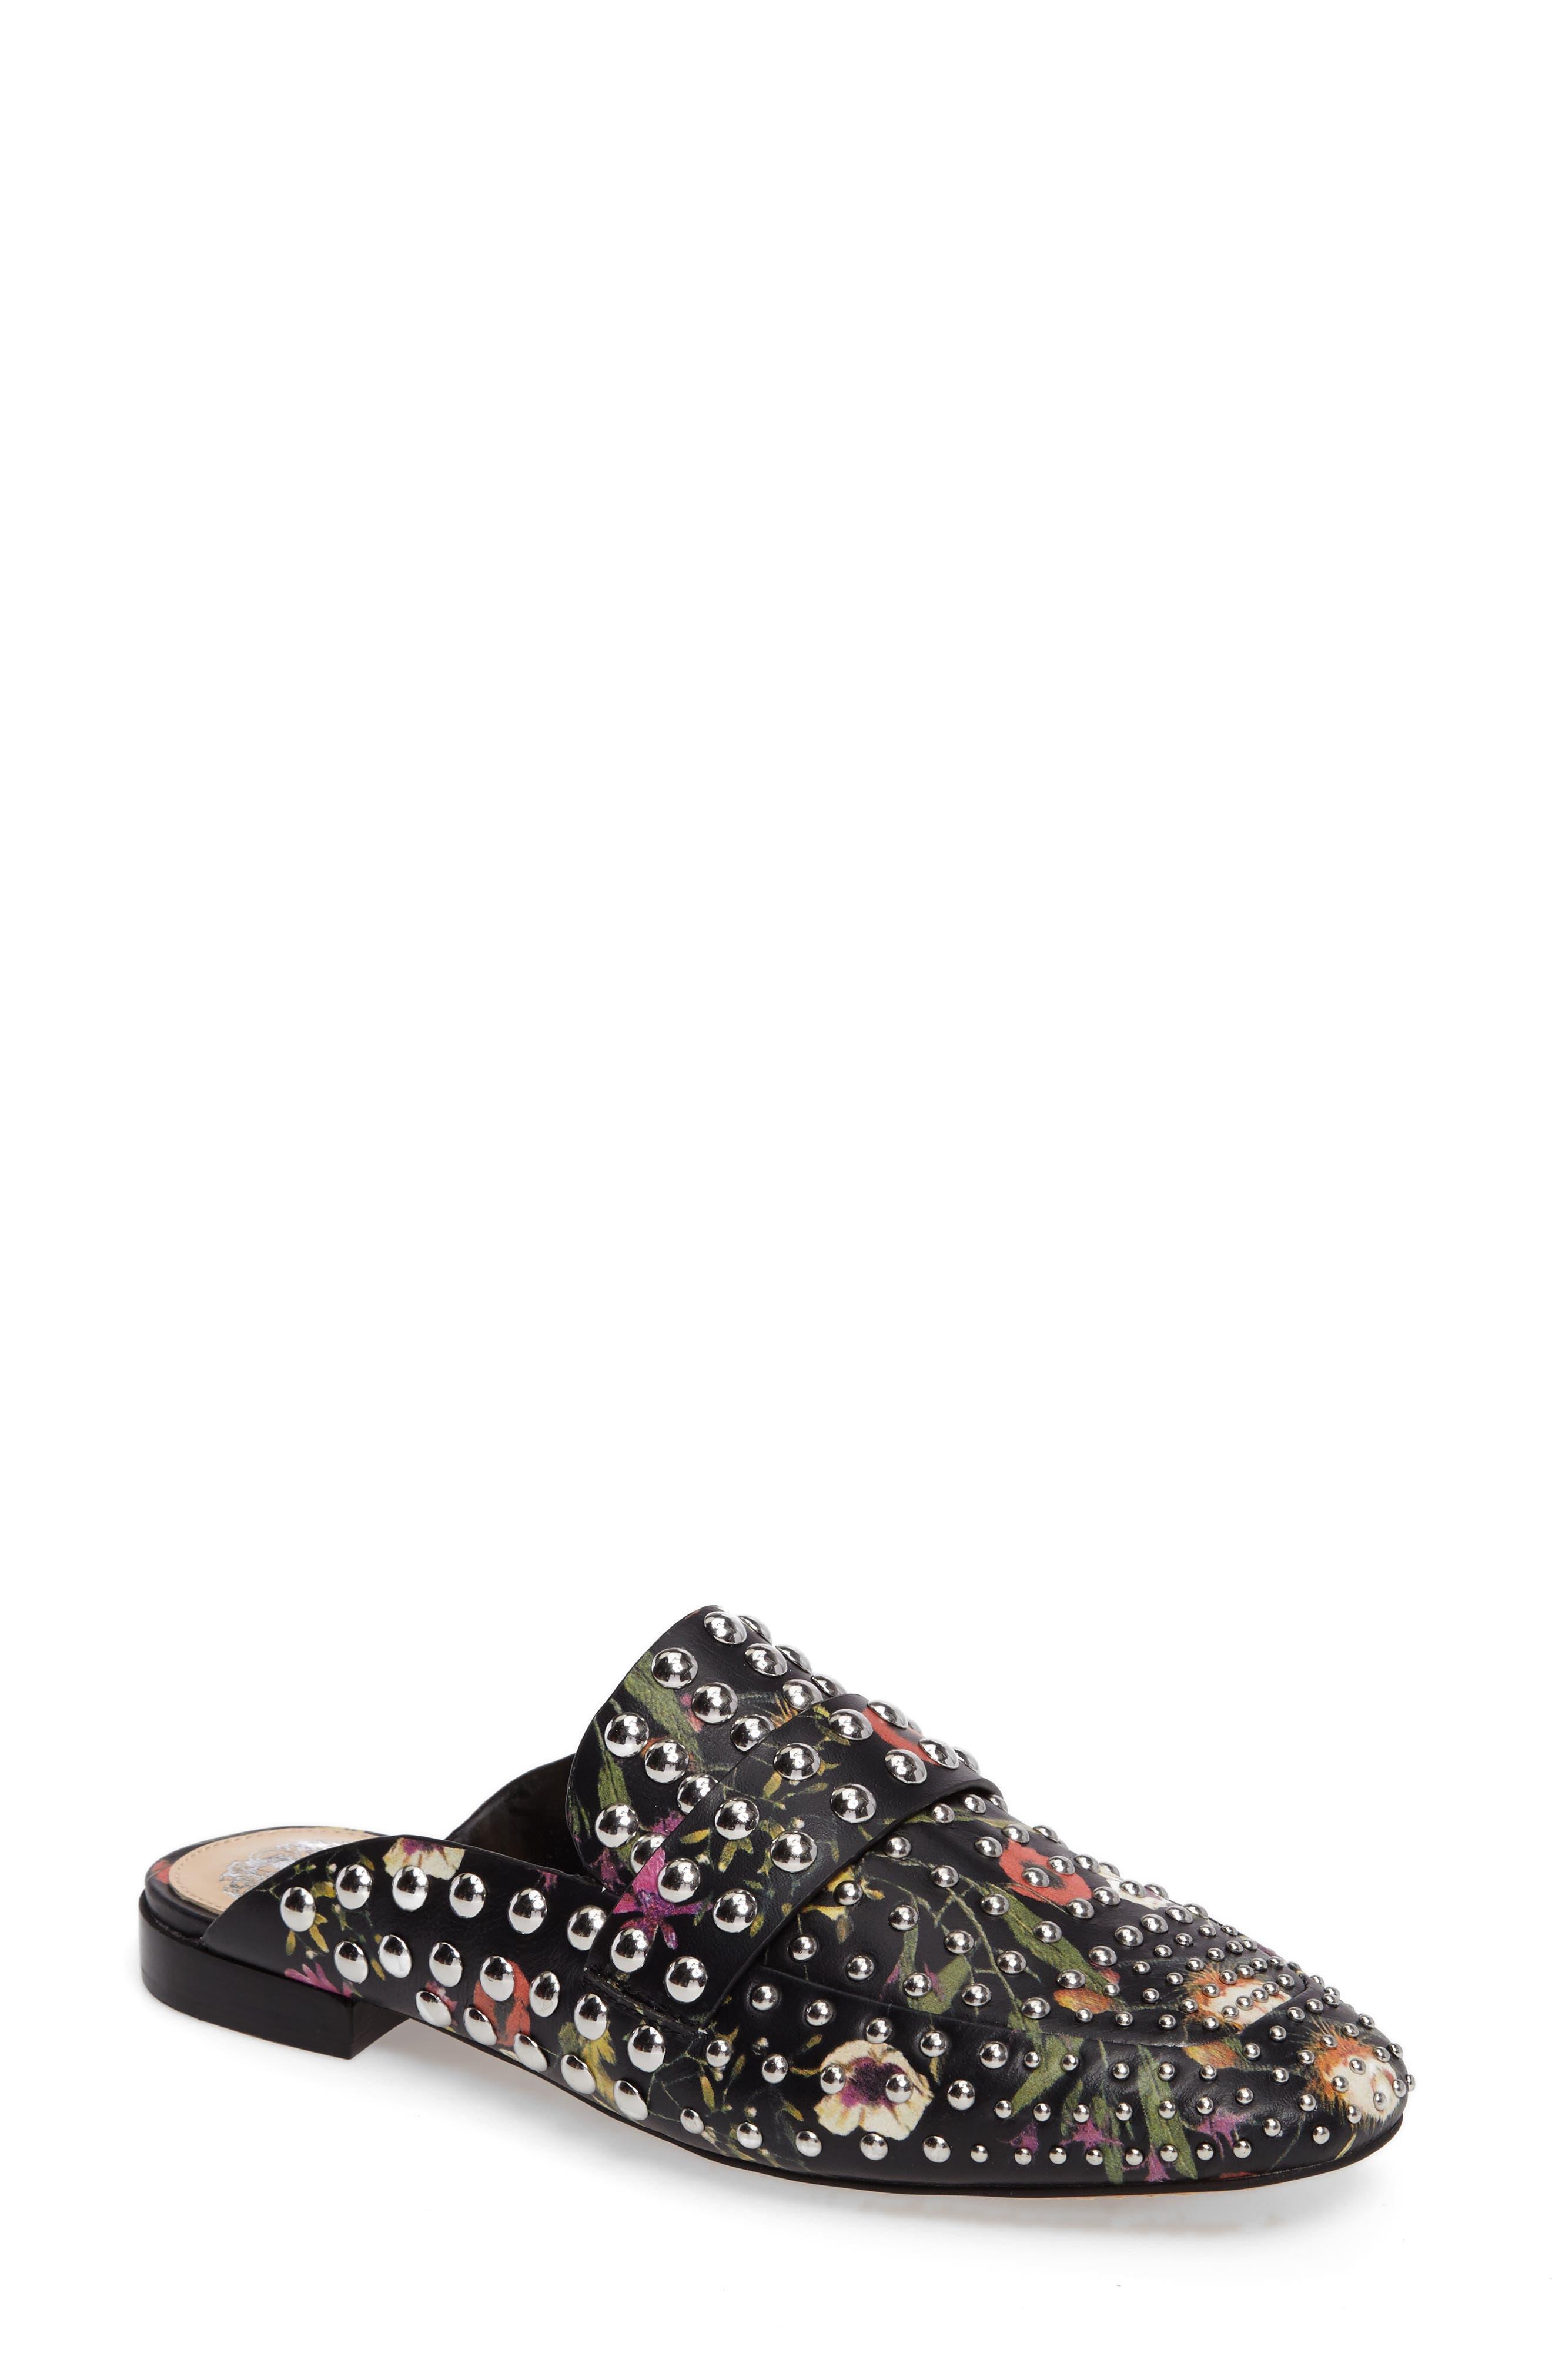 Sessa Studded Loafer Mule,                         Main,                         color, Black Floral Leather